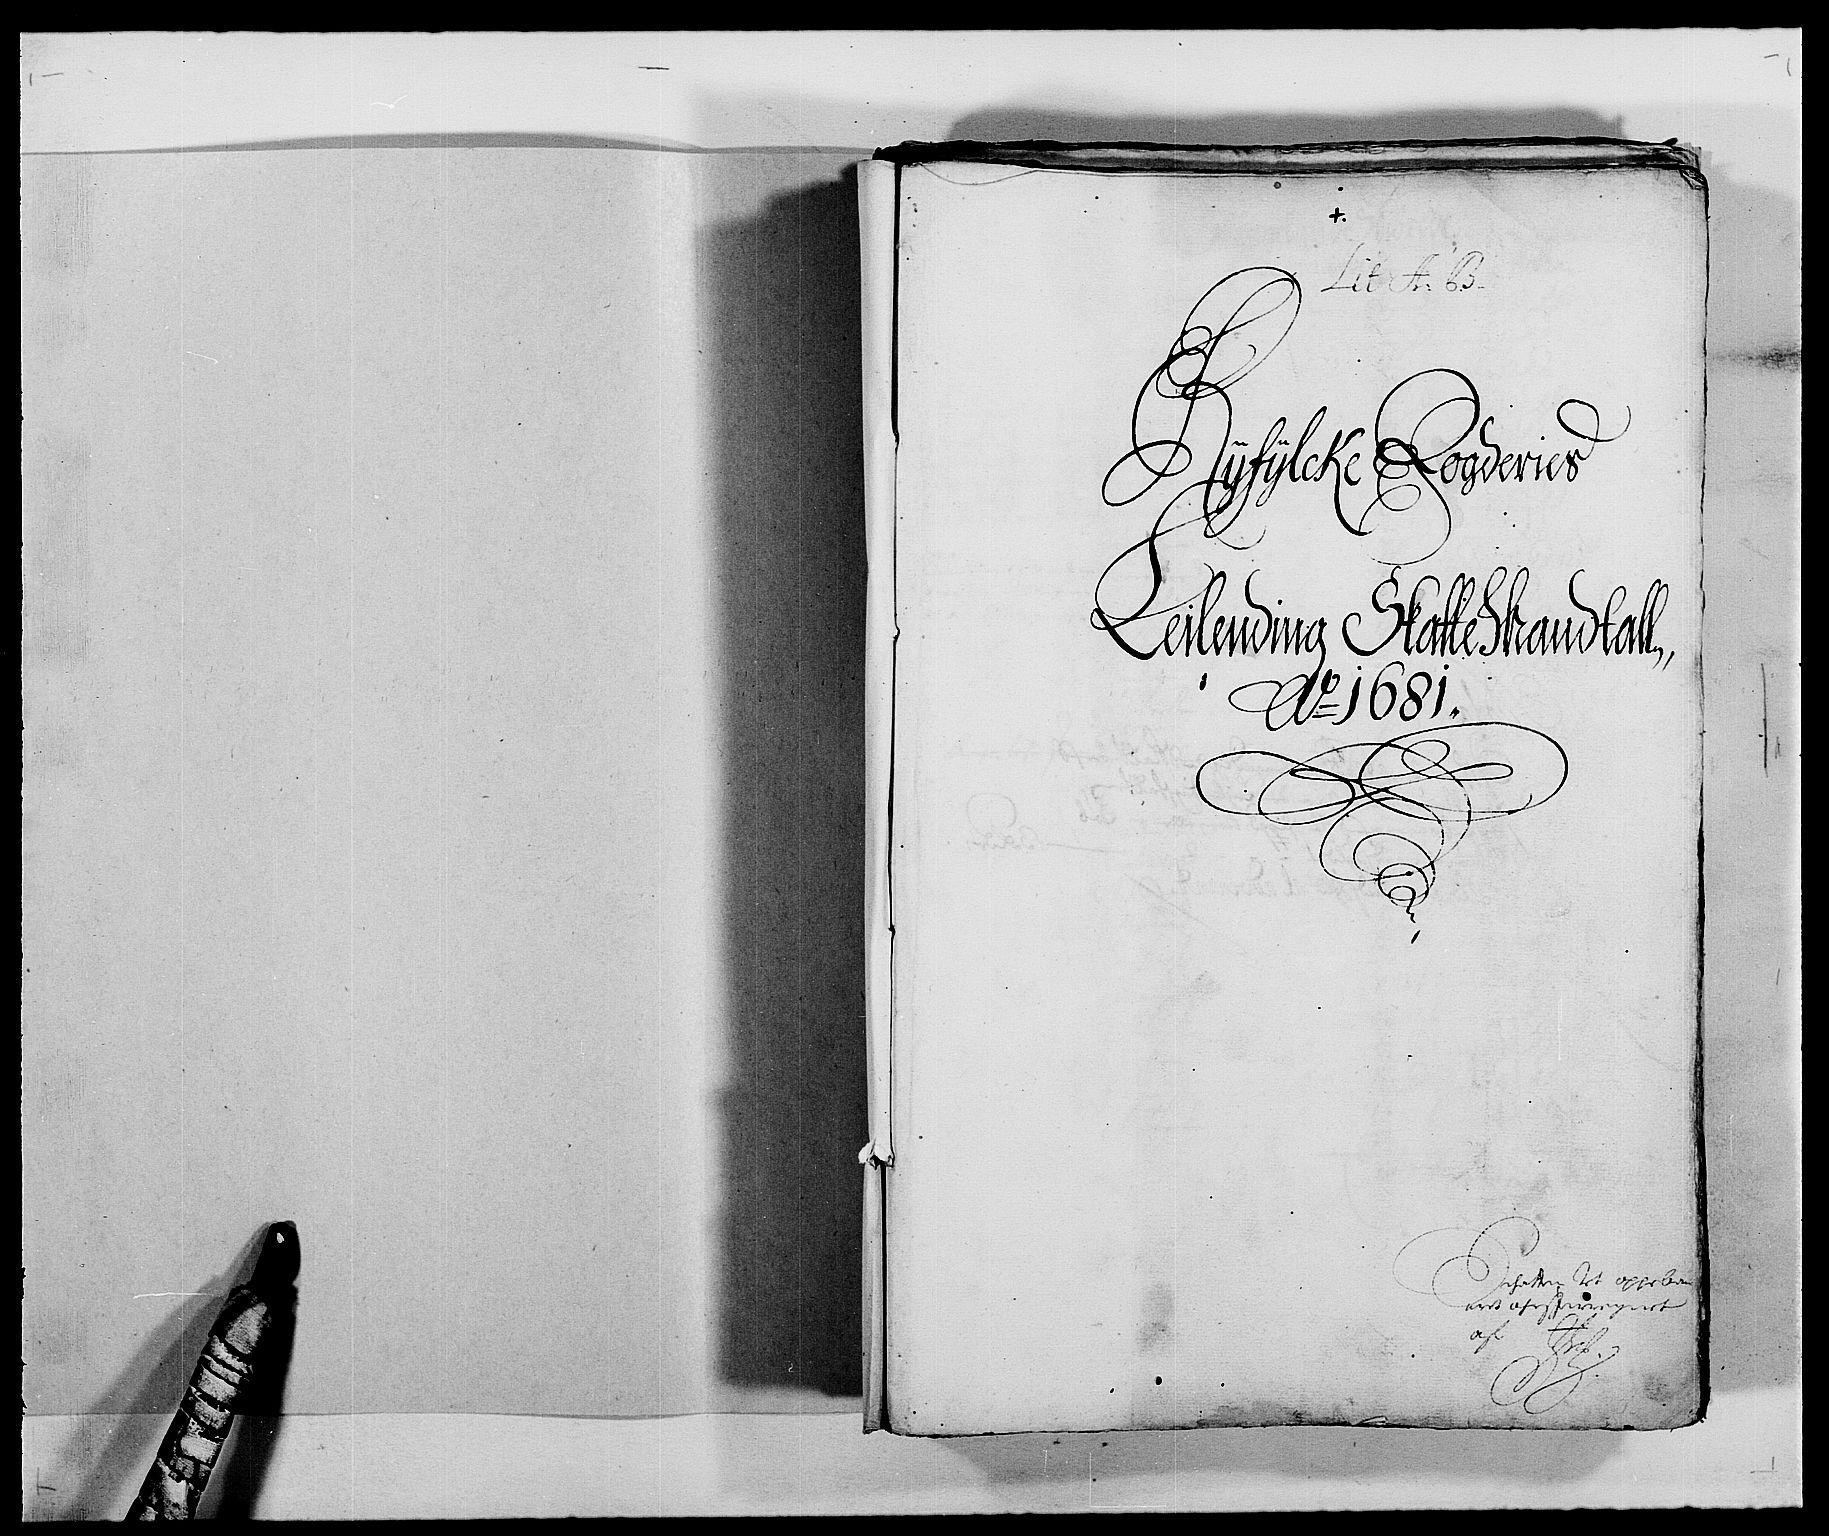 RA, Rentekammeret inntil 1814, Reviderte regnskaper, Fogderegnskap, R47/L2852: Fogderegnskap Ryfylke, 1681, s. 2